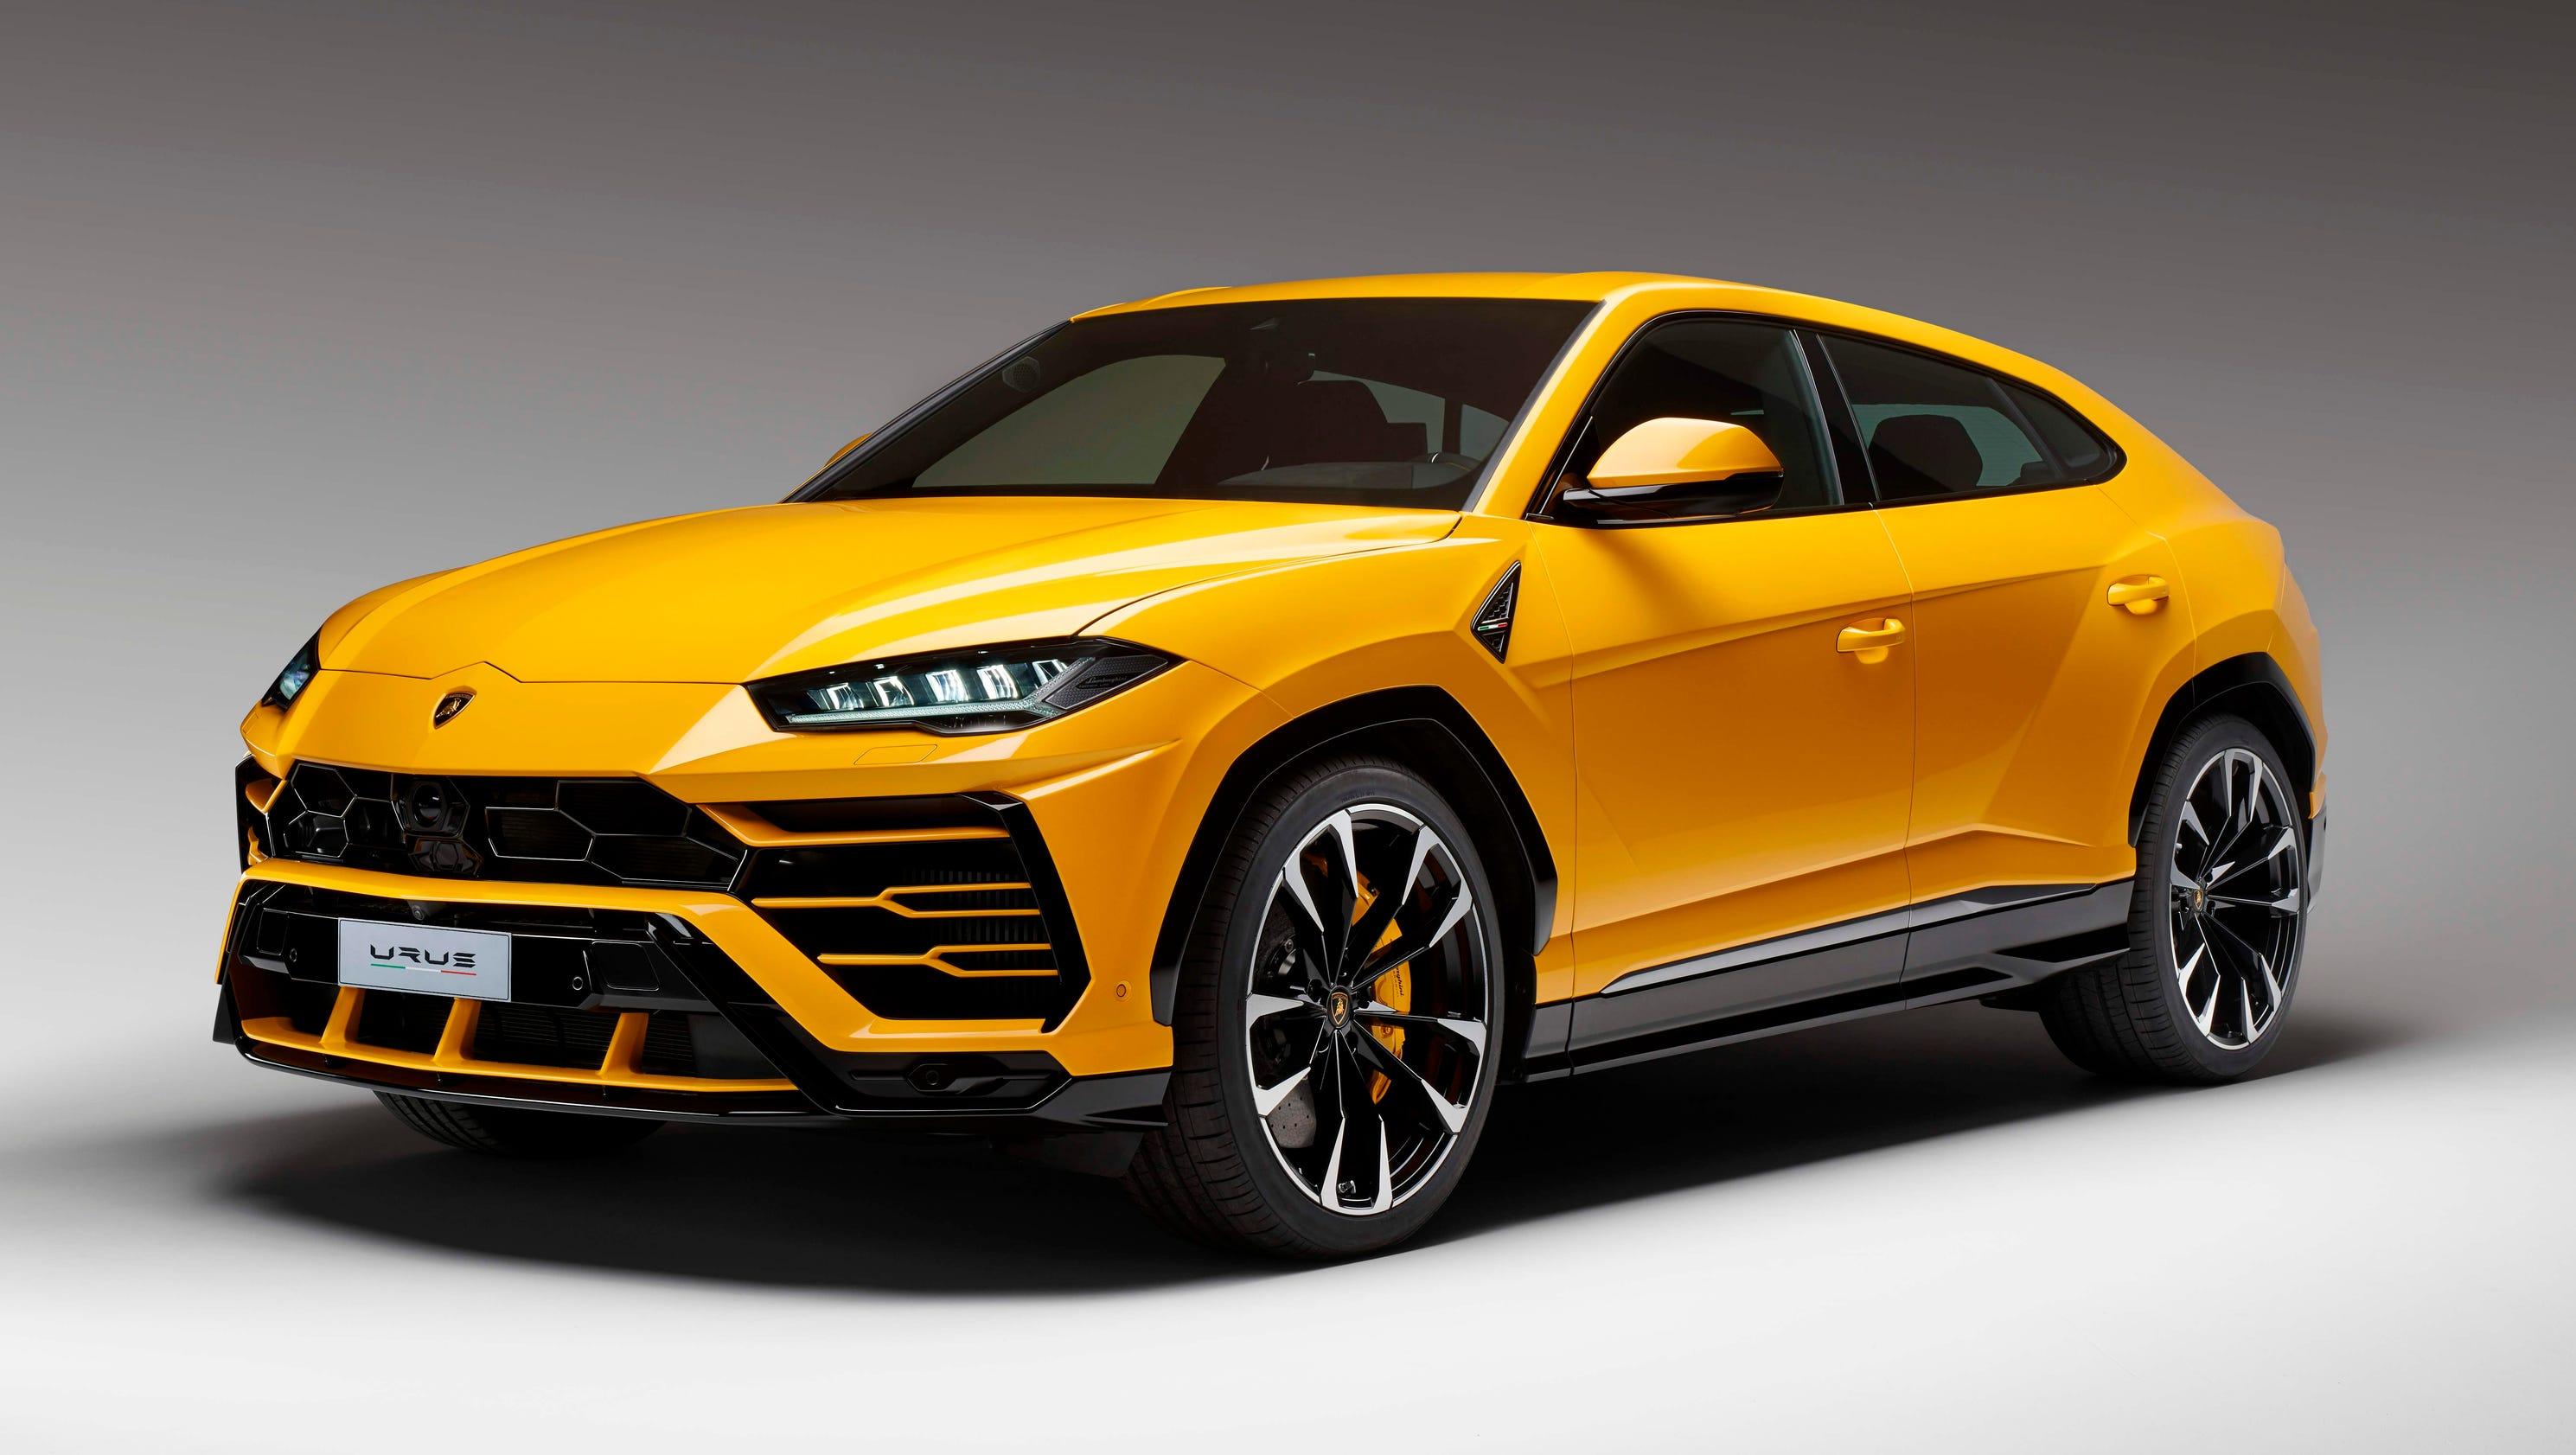 Suv Lamborghini >> Lamborghini Urus Suv Joins The Boom In Supercar Suvs